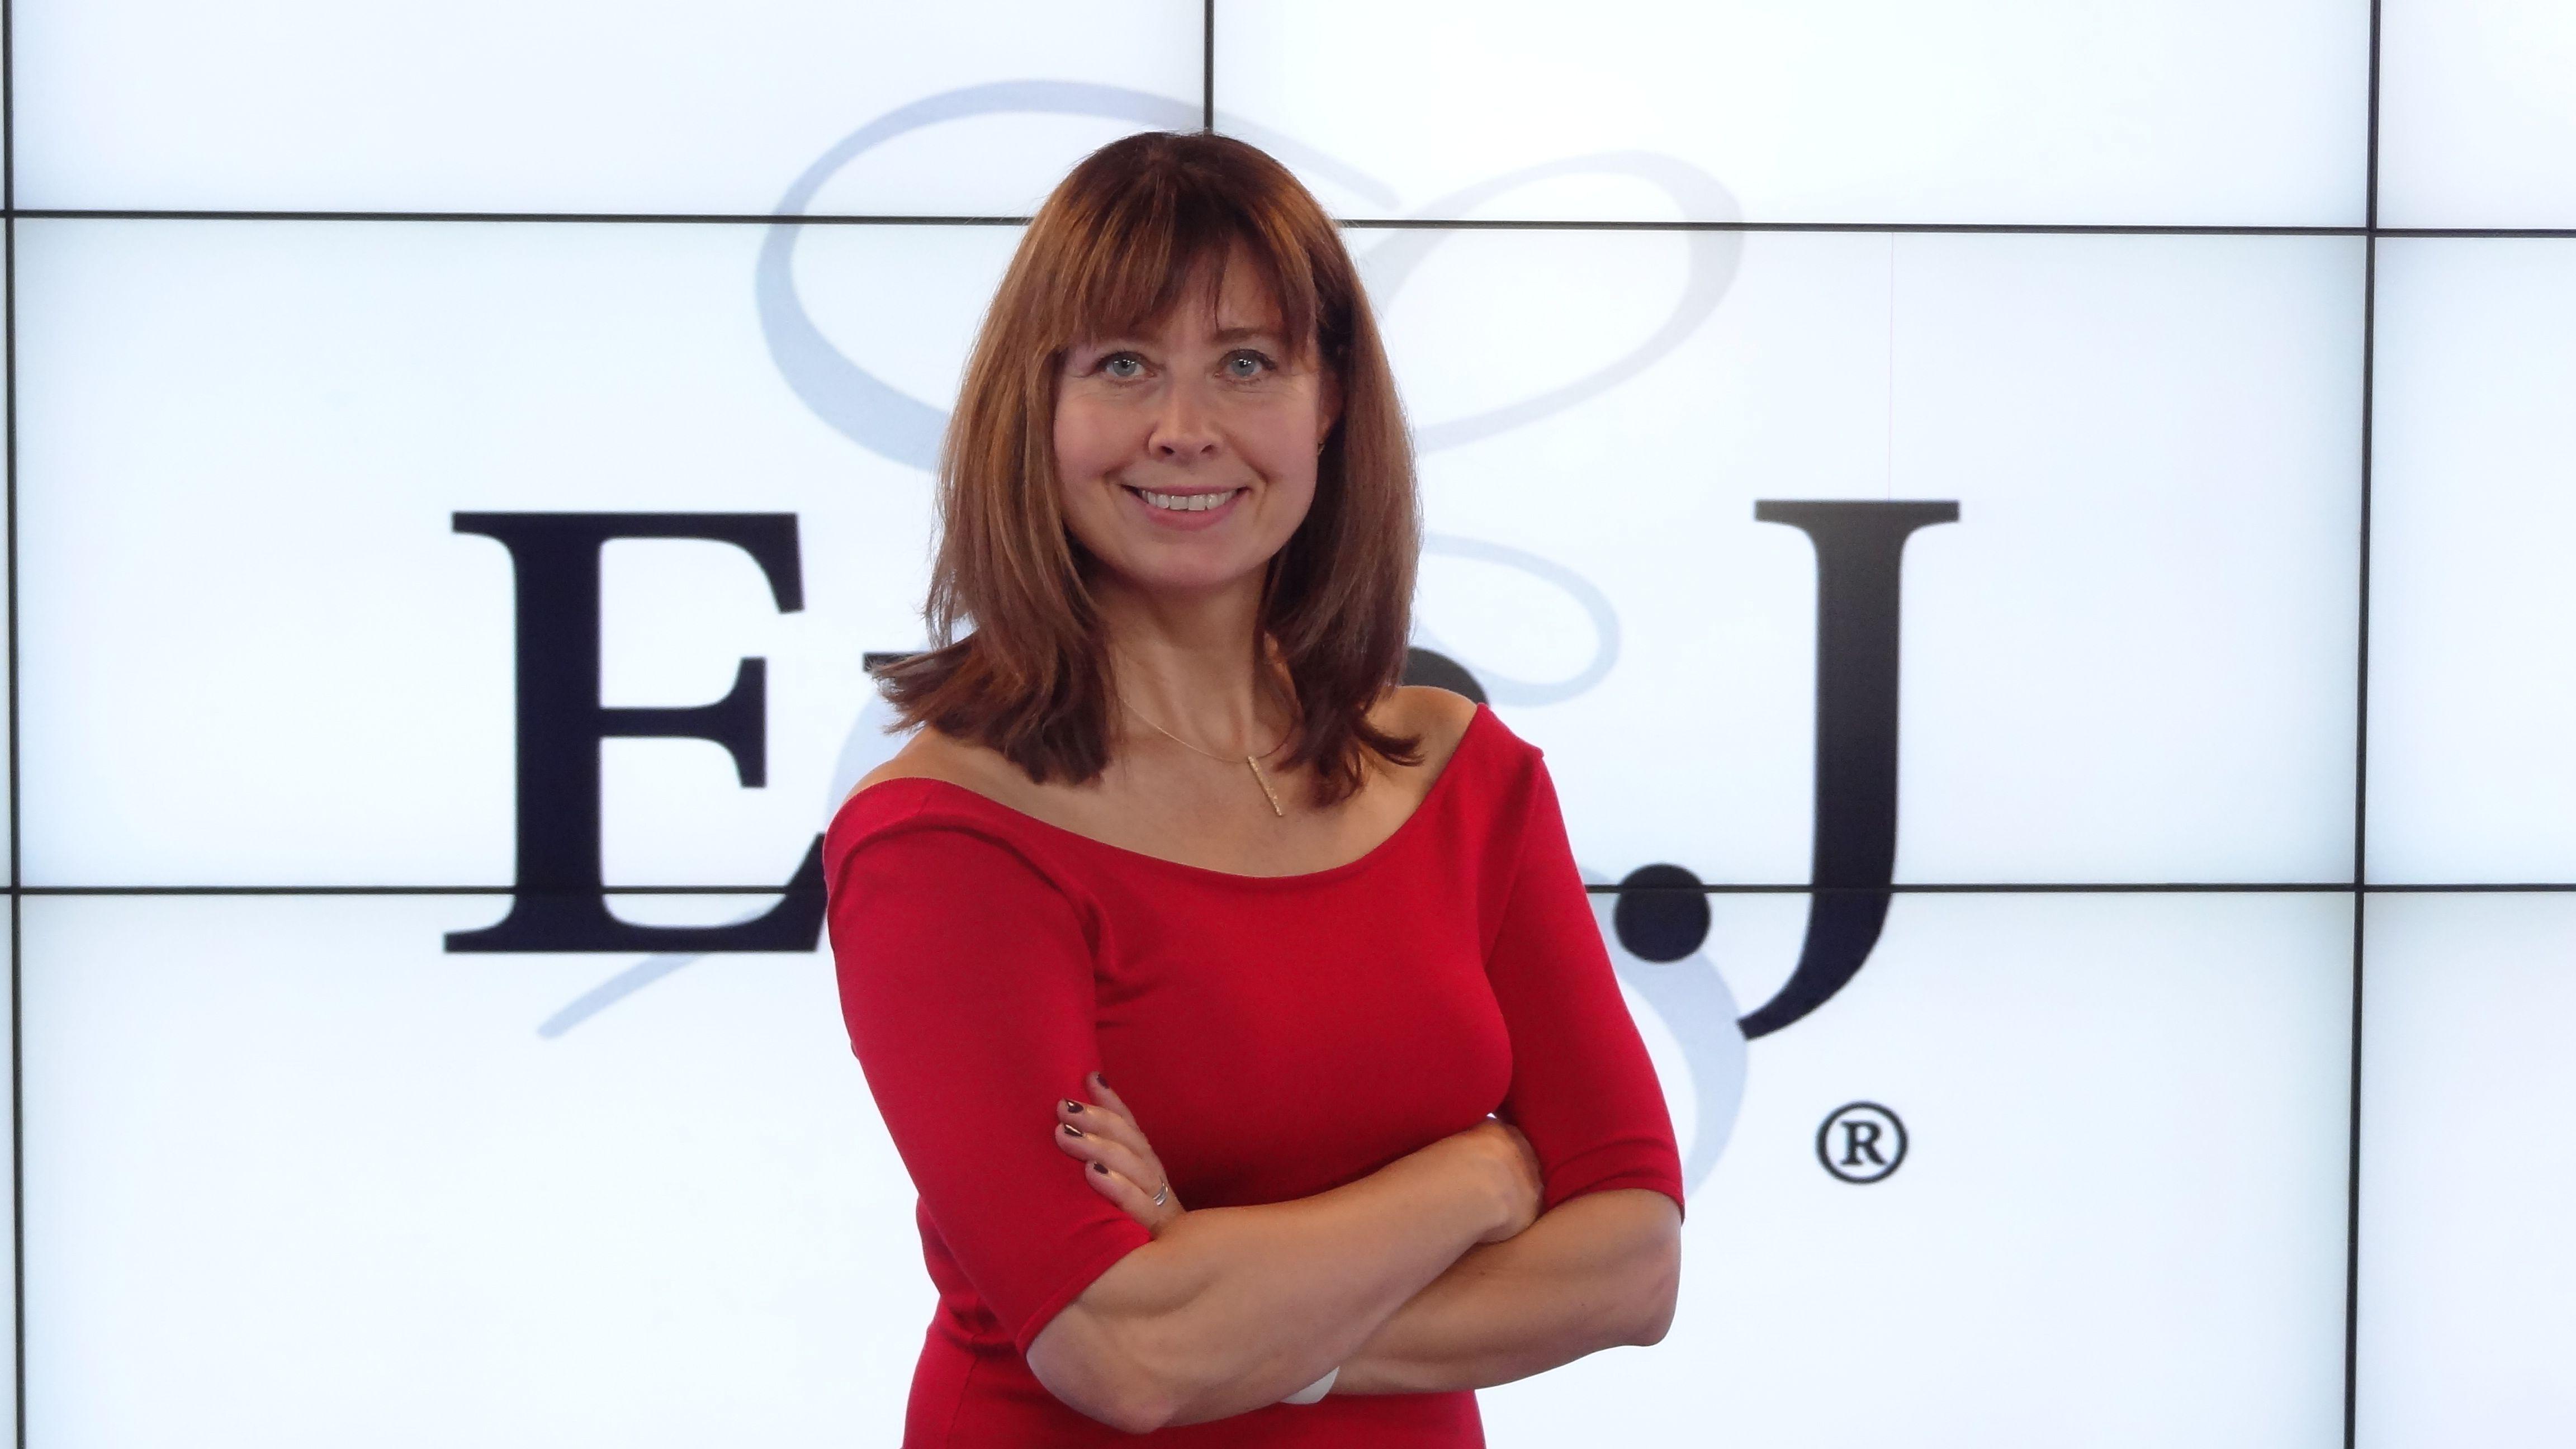 Eva Johnston stellt ihr neue Produktlinie Eva J. vor - Pro Aging ist ihr Schlagwort